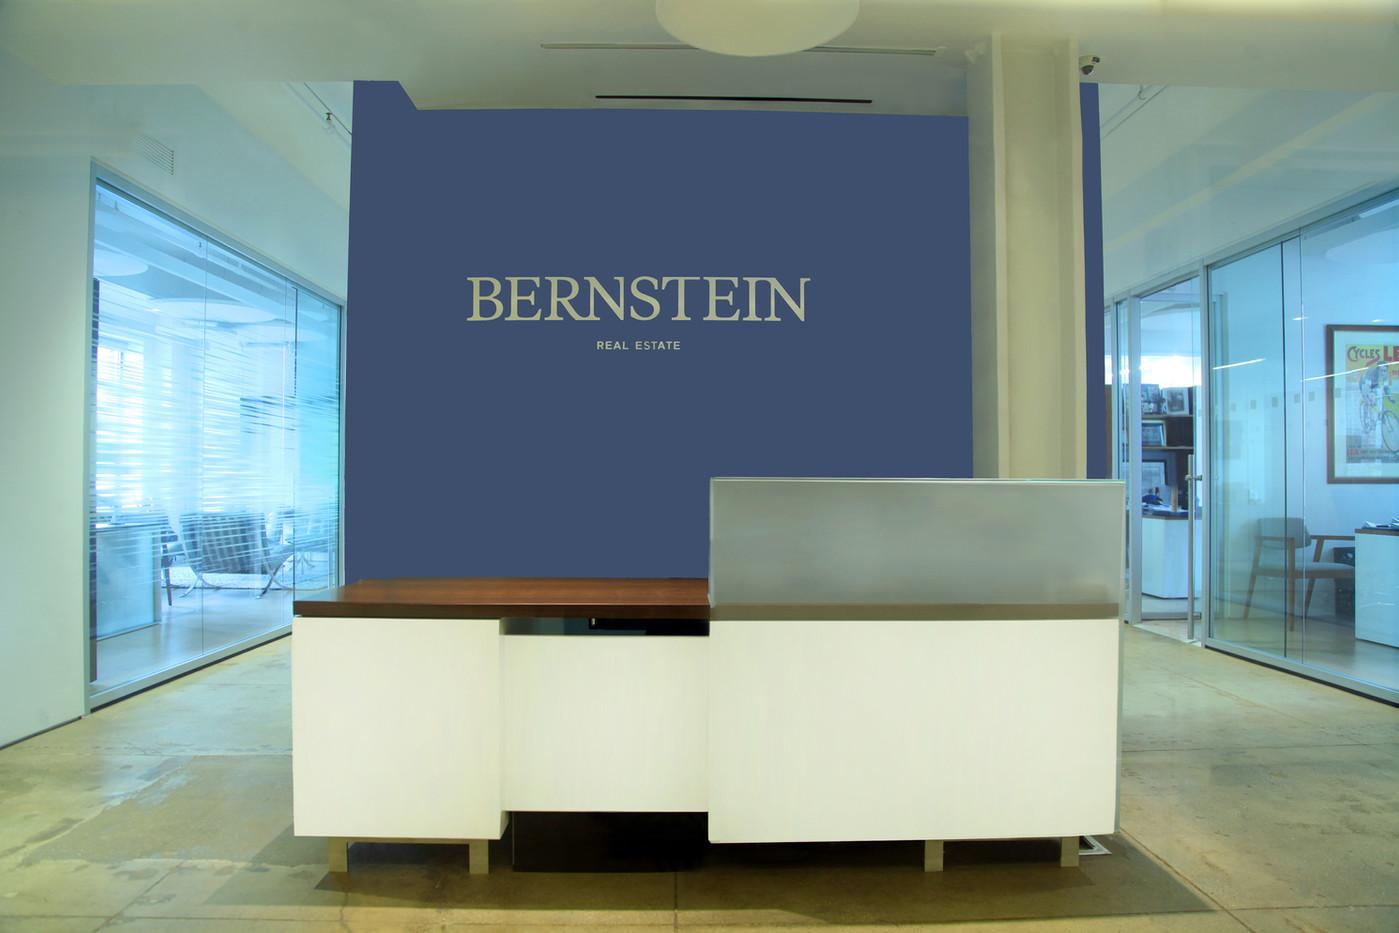 Bernstein Real Estate Front Desk.jpg